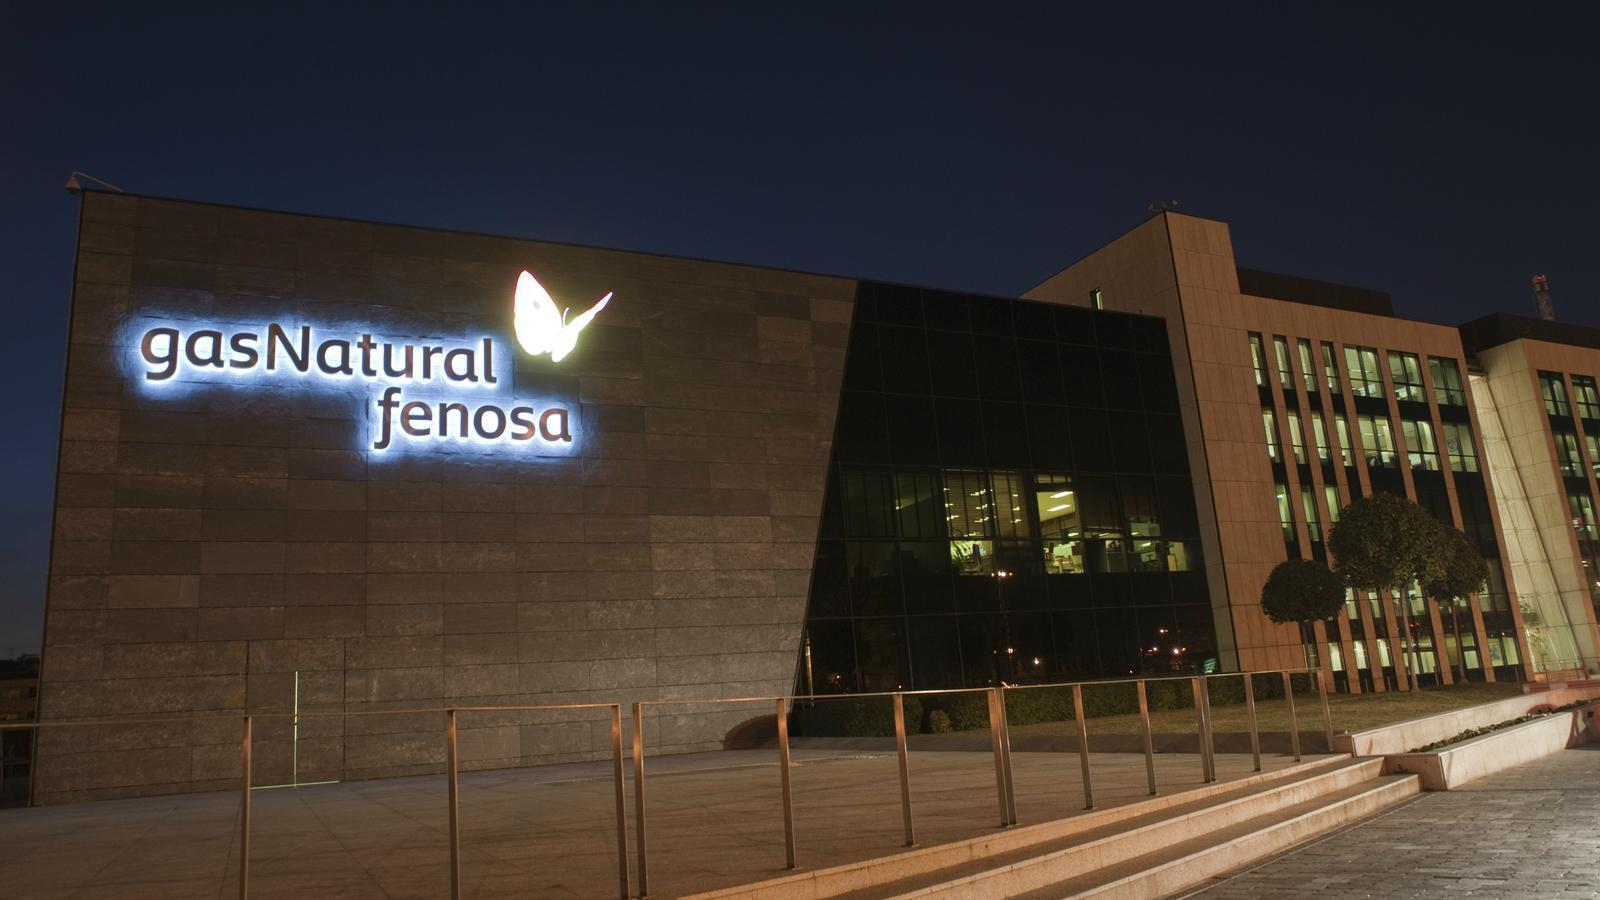 Zambal compra la seu de gas natural a madrid per 120 milions for Oficinas gas natural fenosa madrid